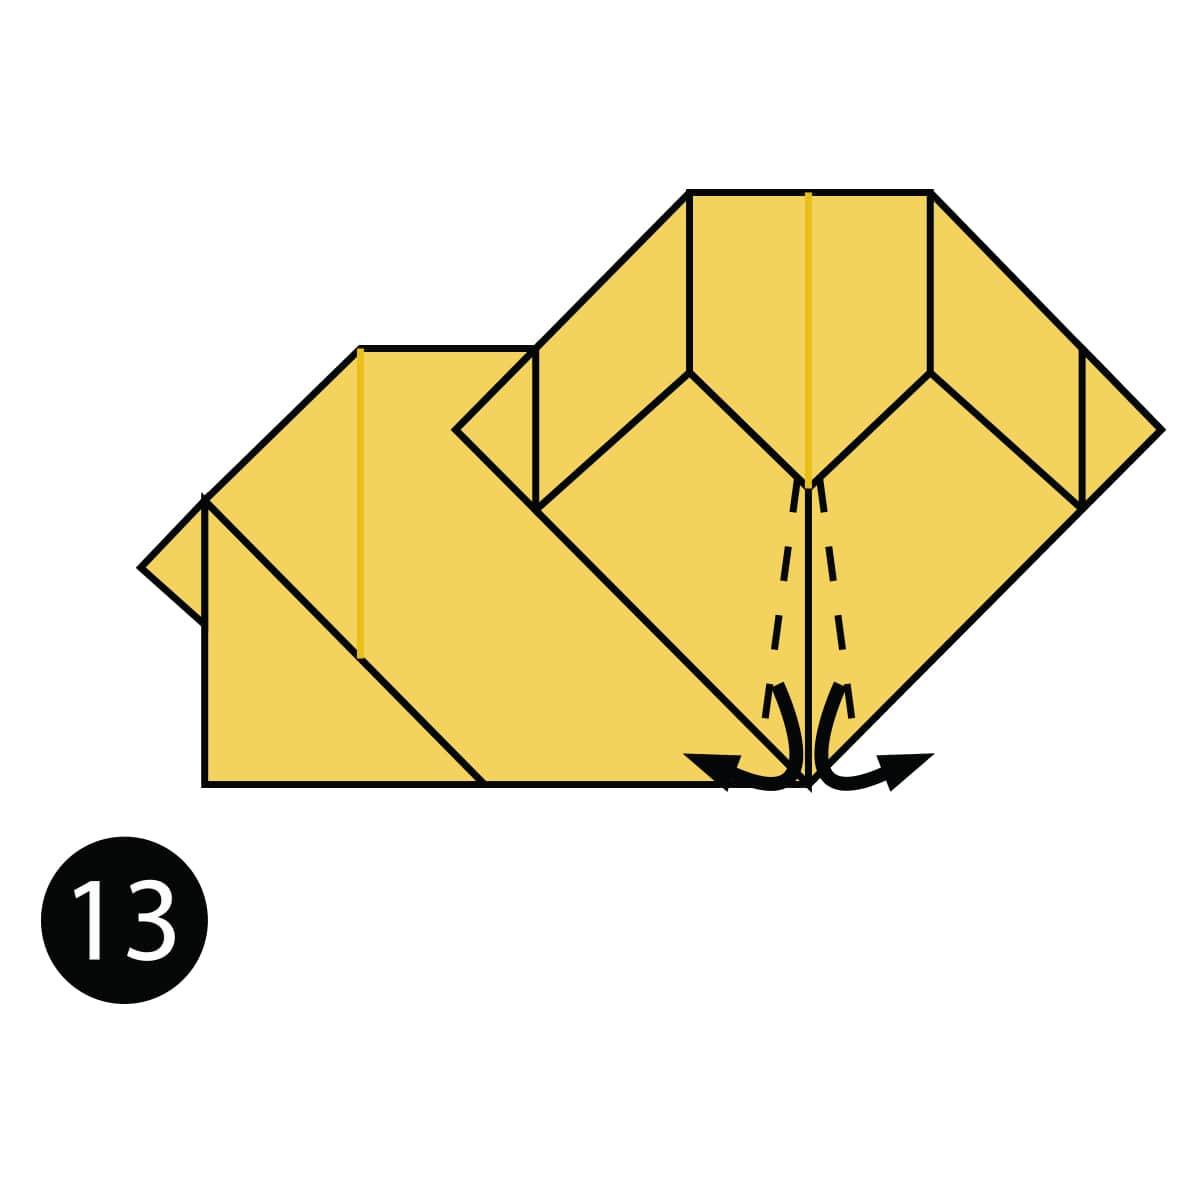 Pomeranian Step 13